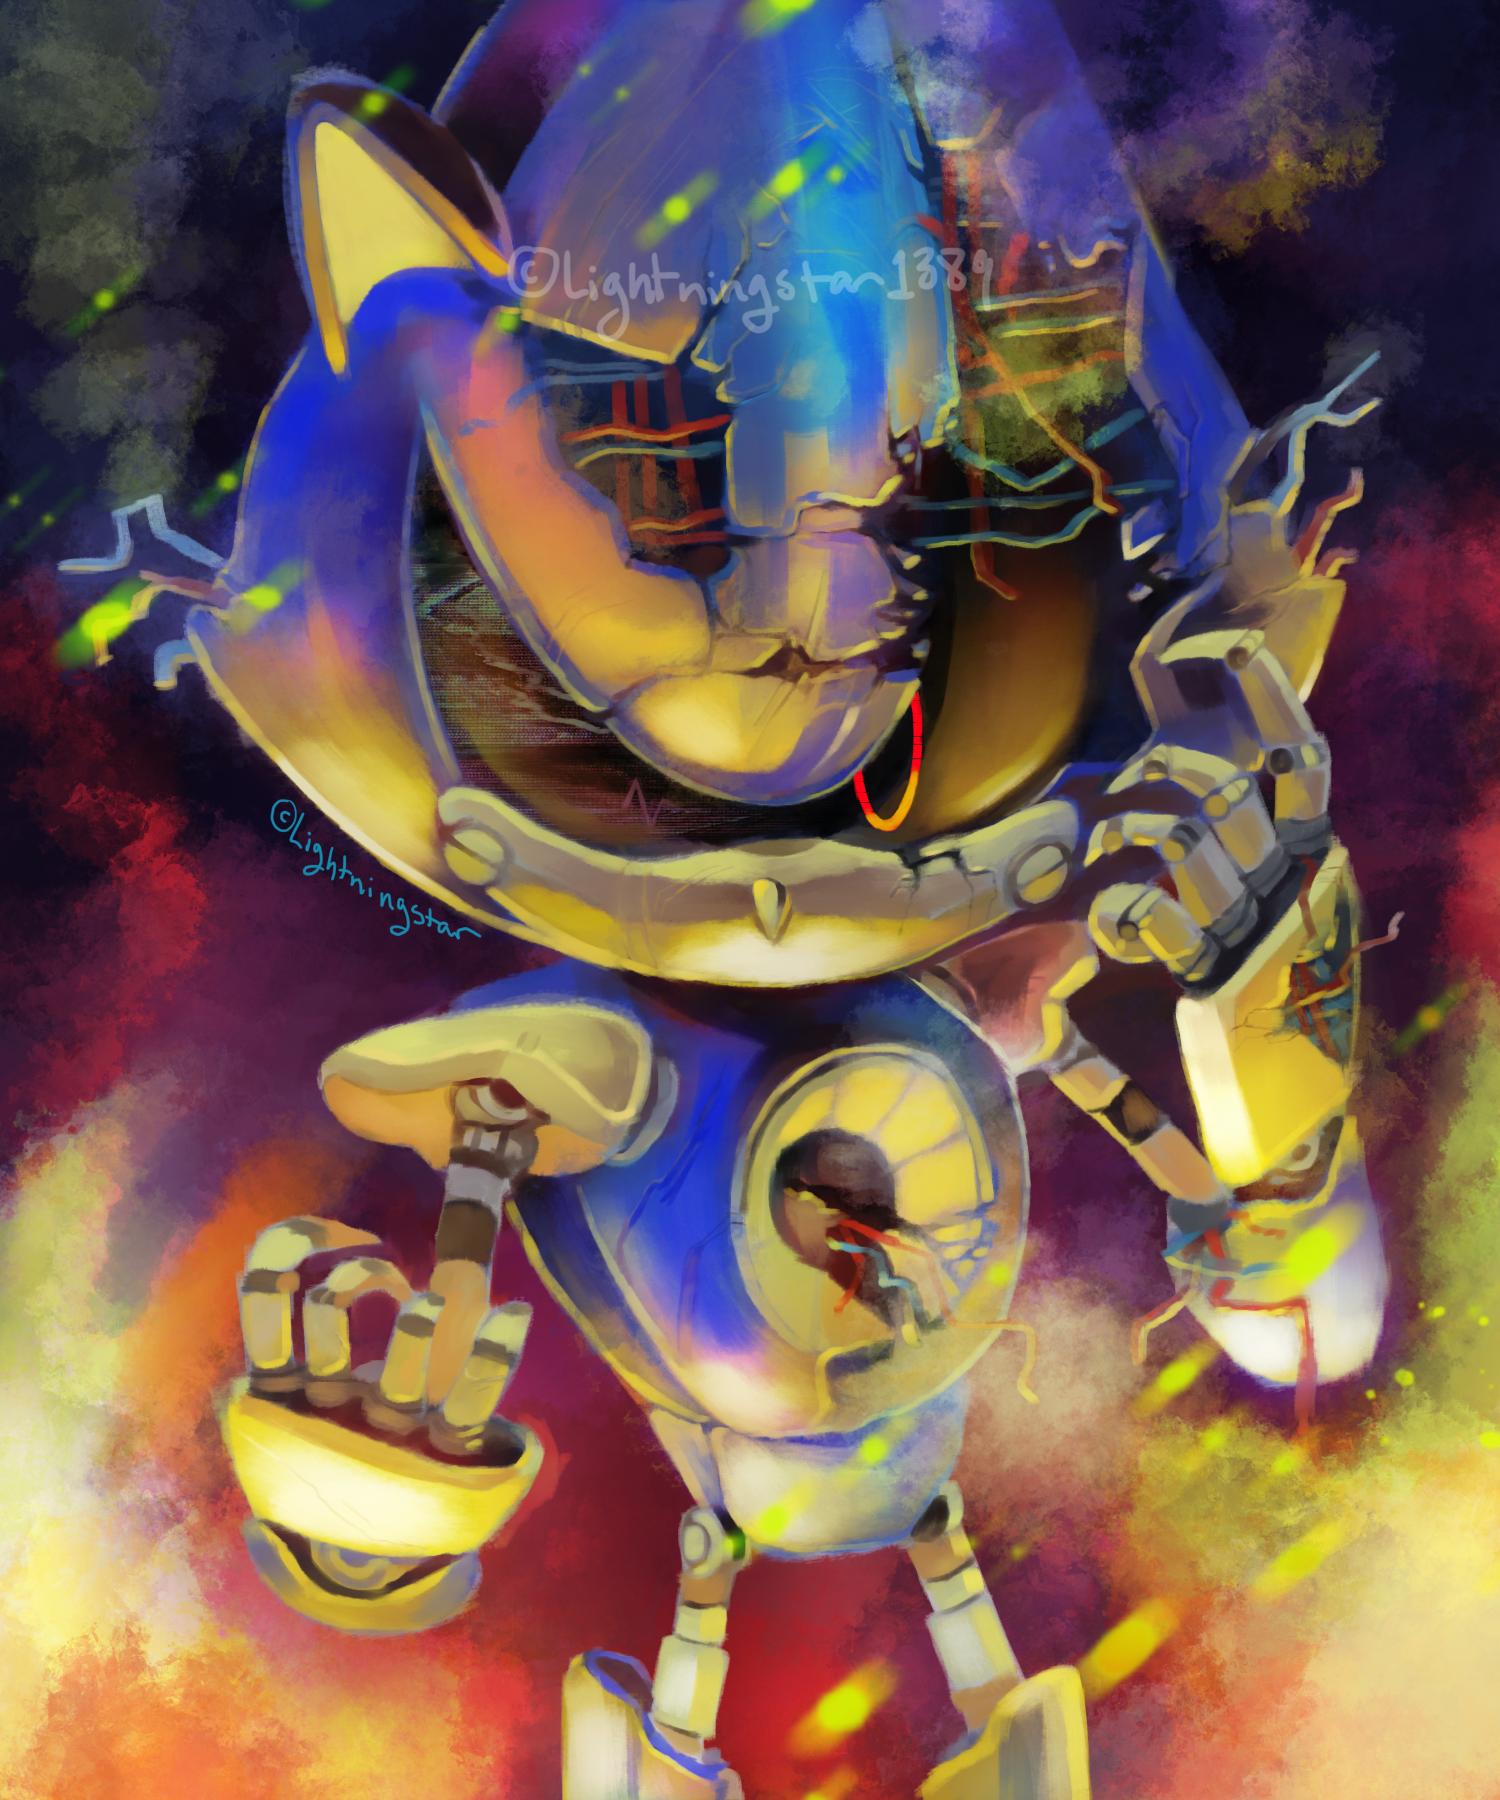 Corrupt Metal By Lightningstar1389 On DeviantArt